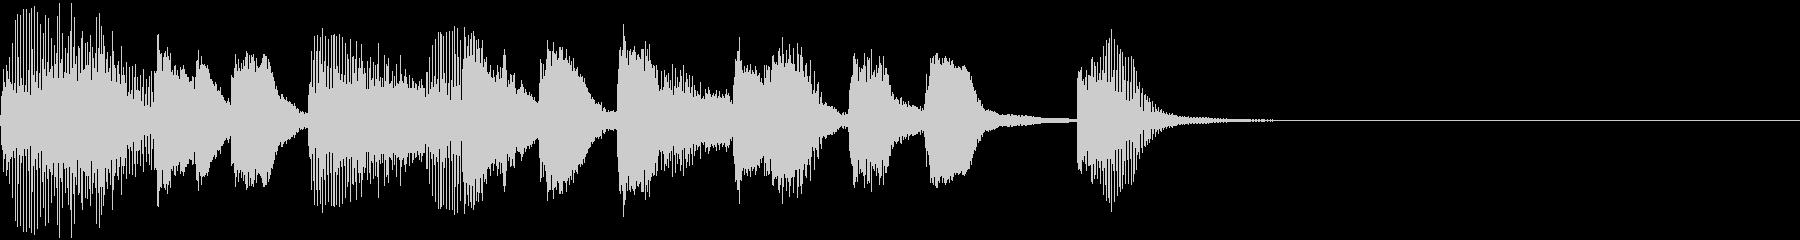 ファゴットとピアノによる怪しげなジングルの未再生の波形